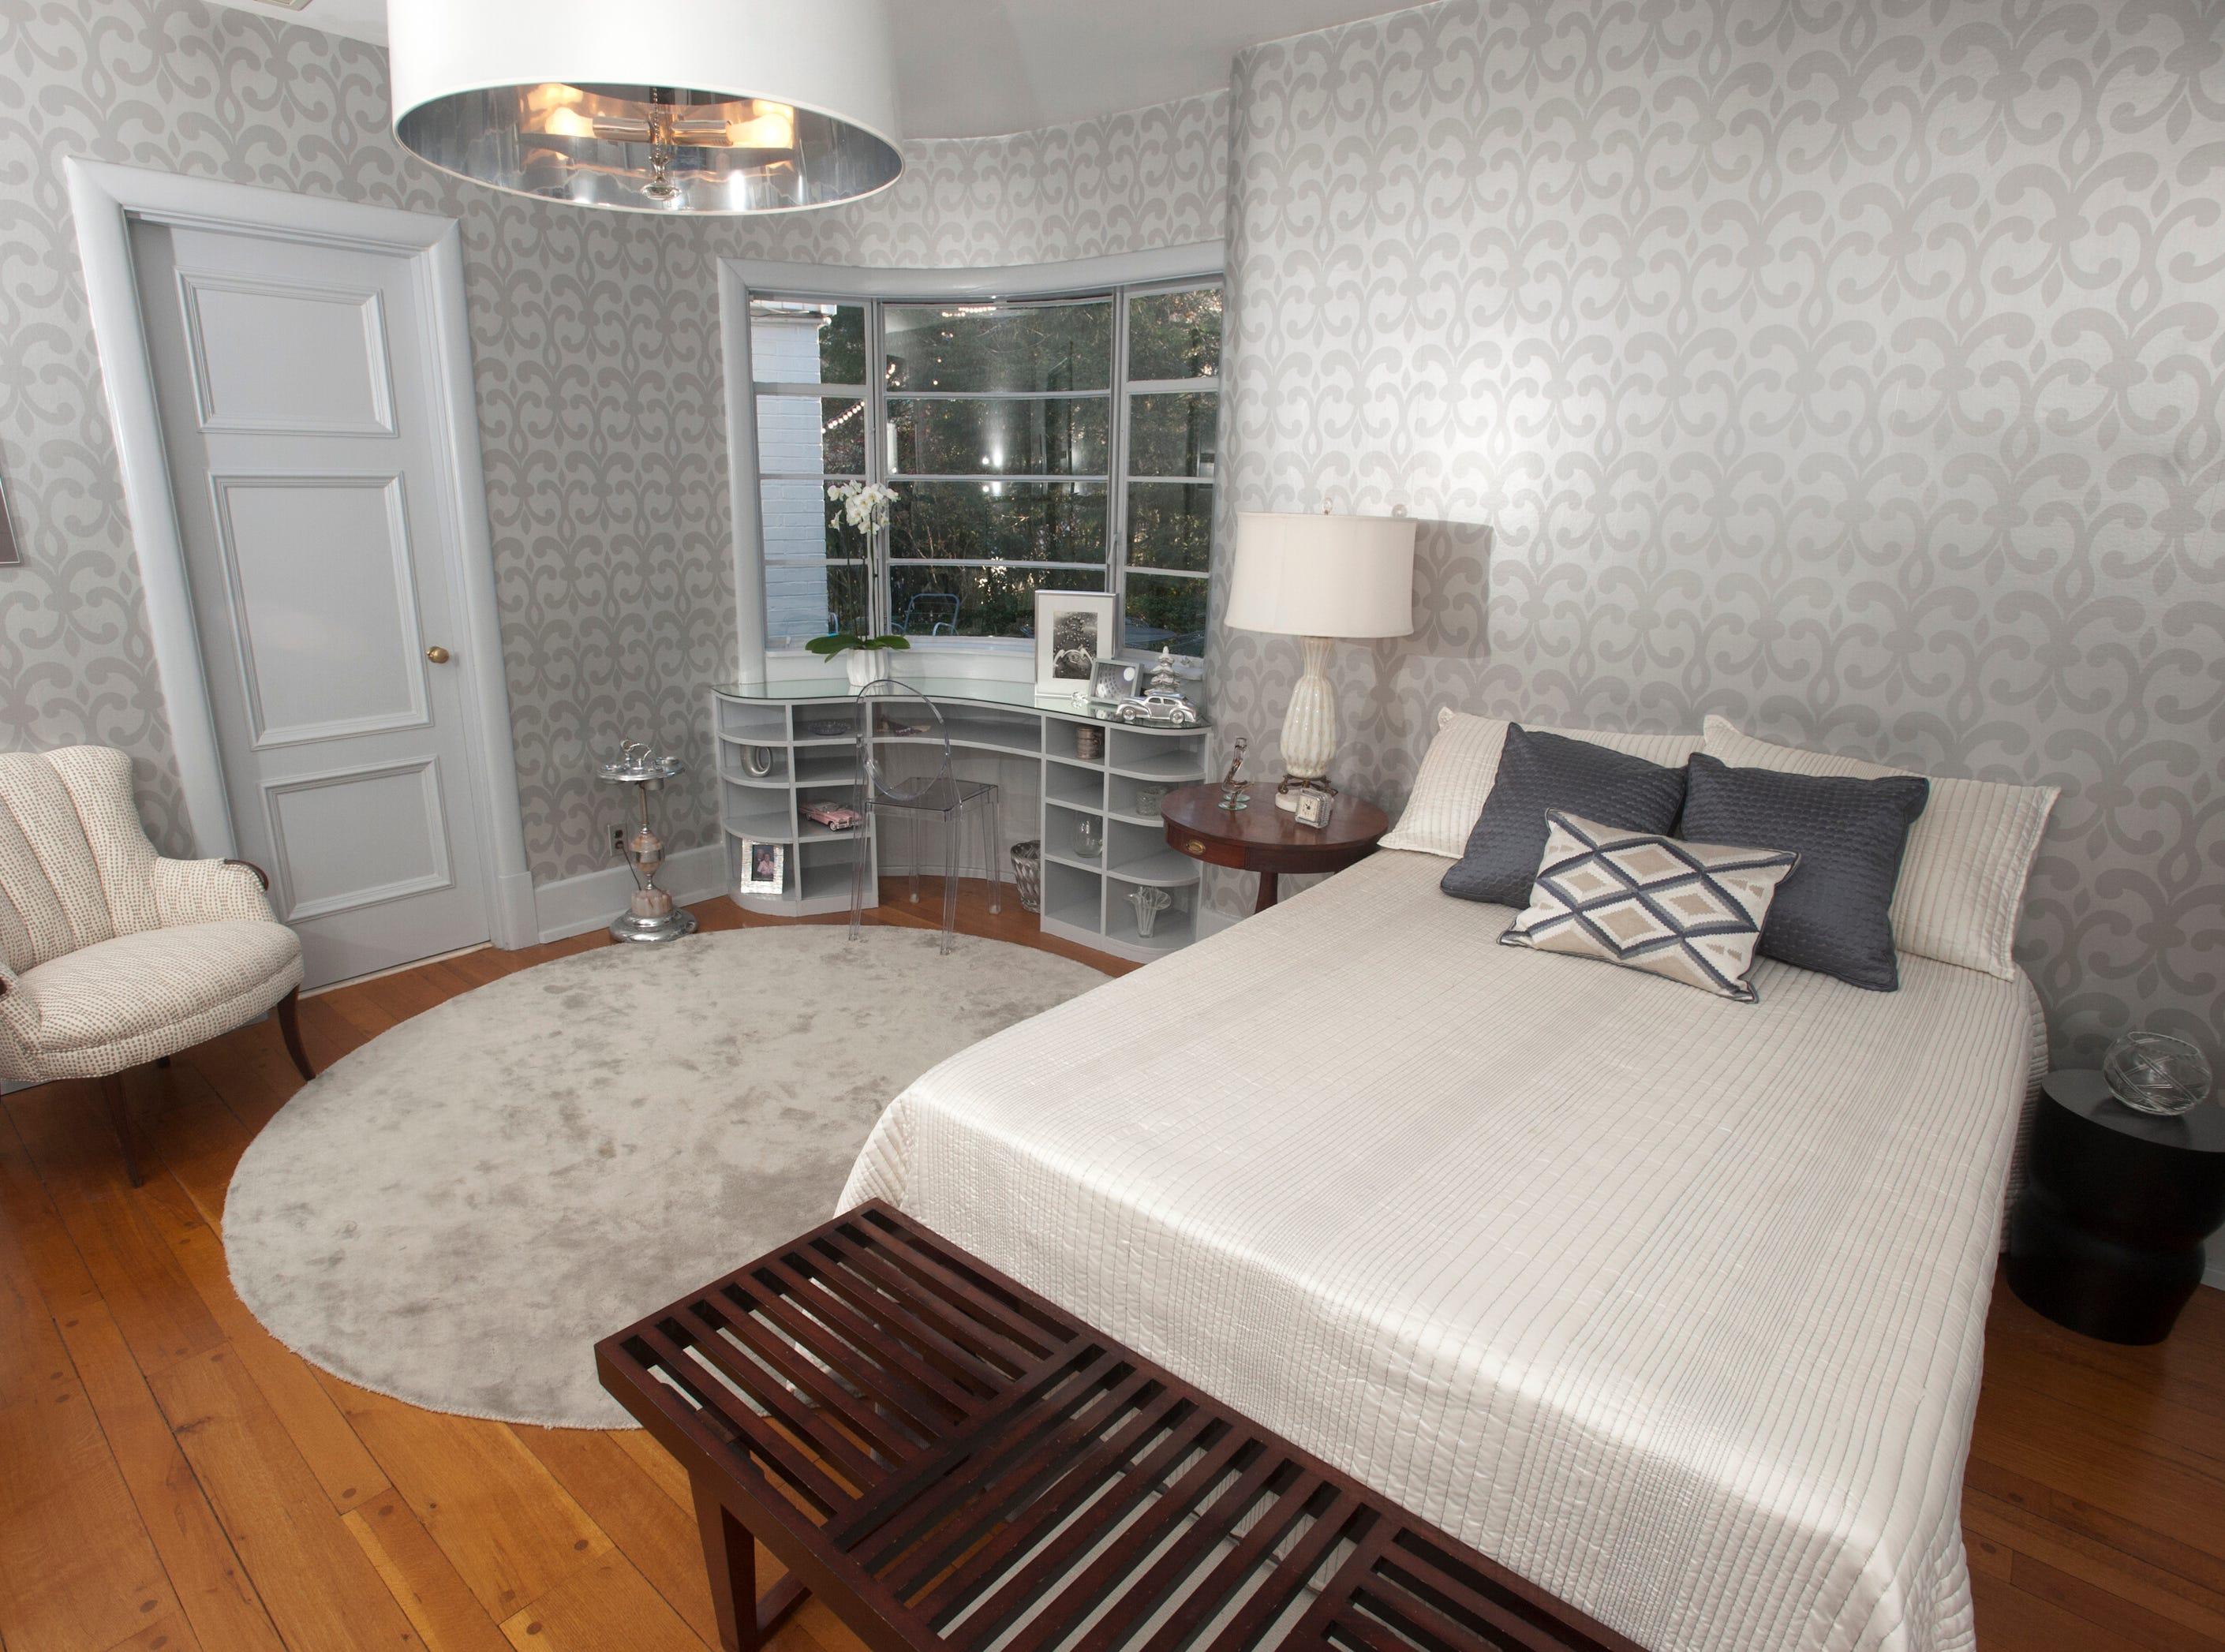 The home's 1st floor guest bedroom.10 December 2018